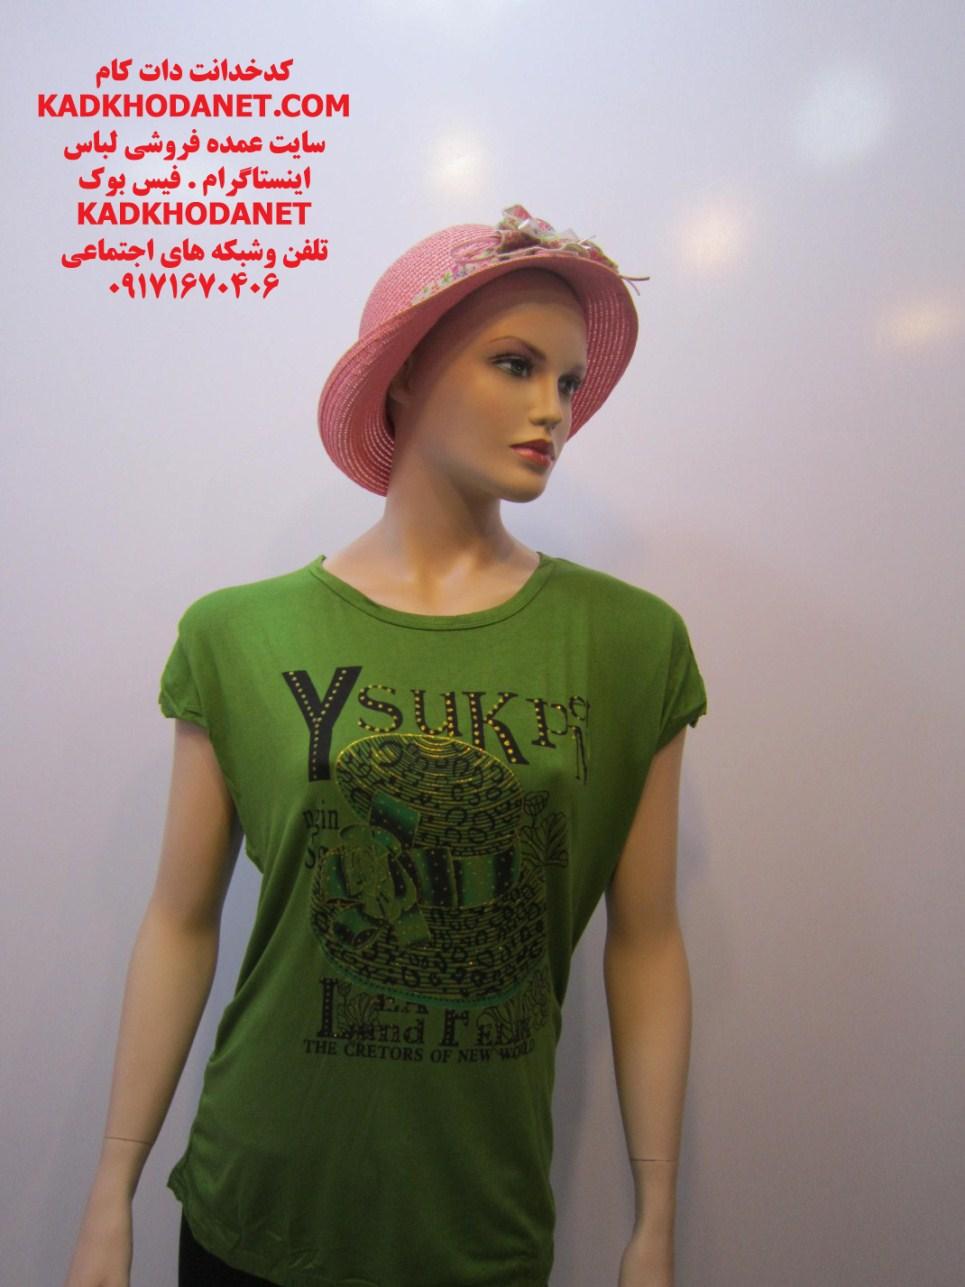 فروش اینترنتی لباس زنانه (4)